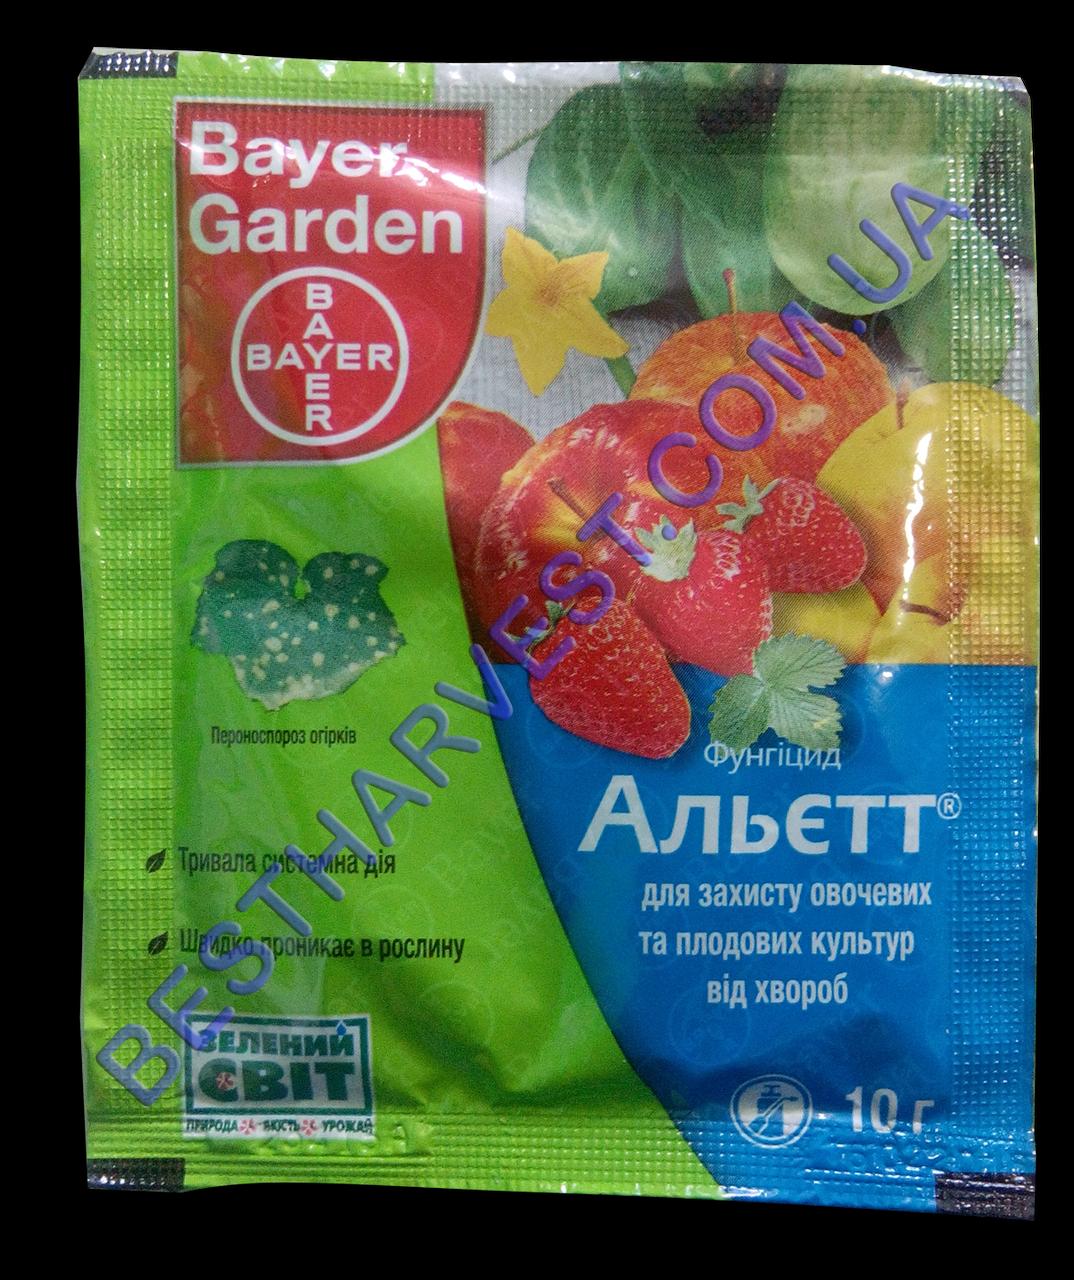 Альетт 10 г оригинал